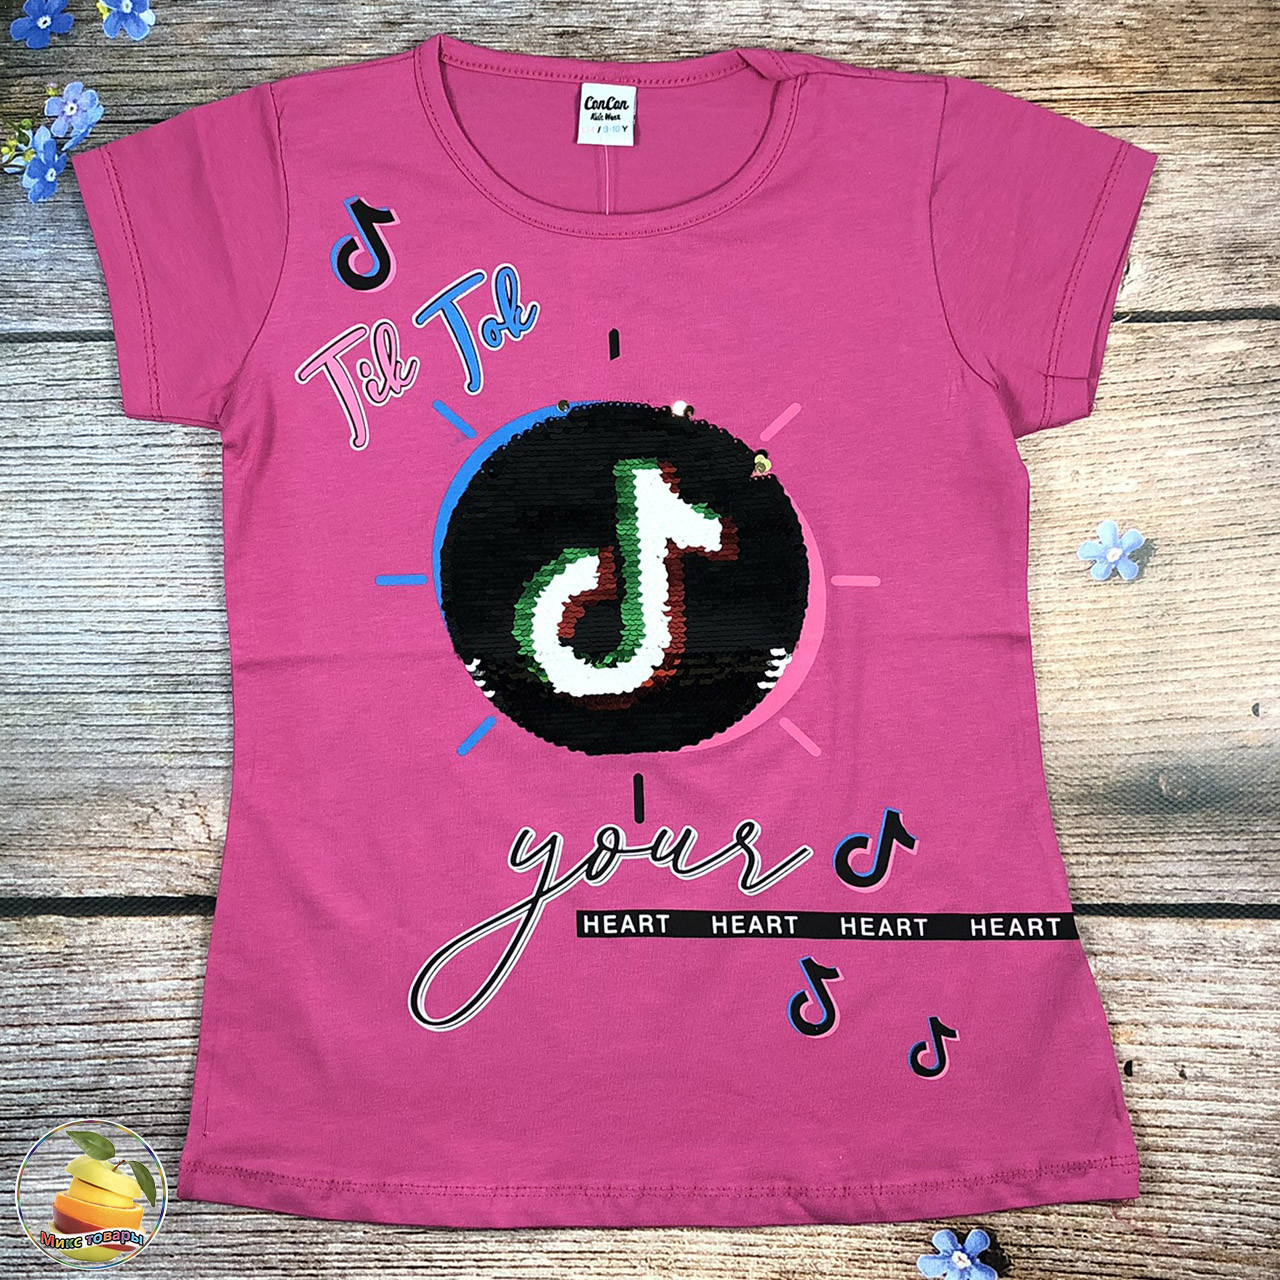 """Подростковая футболка """"Tik Tok"""" для девочки Размеры: 134,146,152 см (20243-2)"""